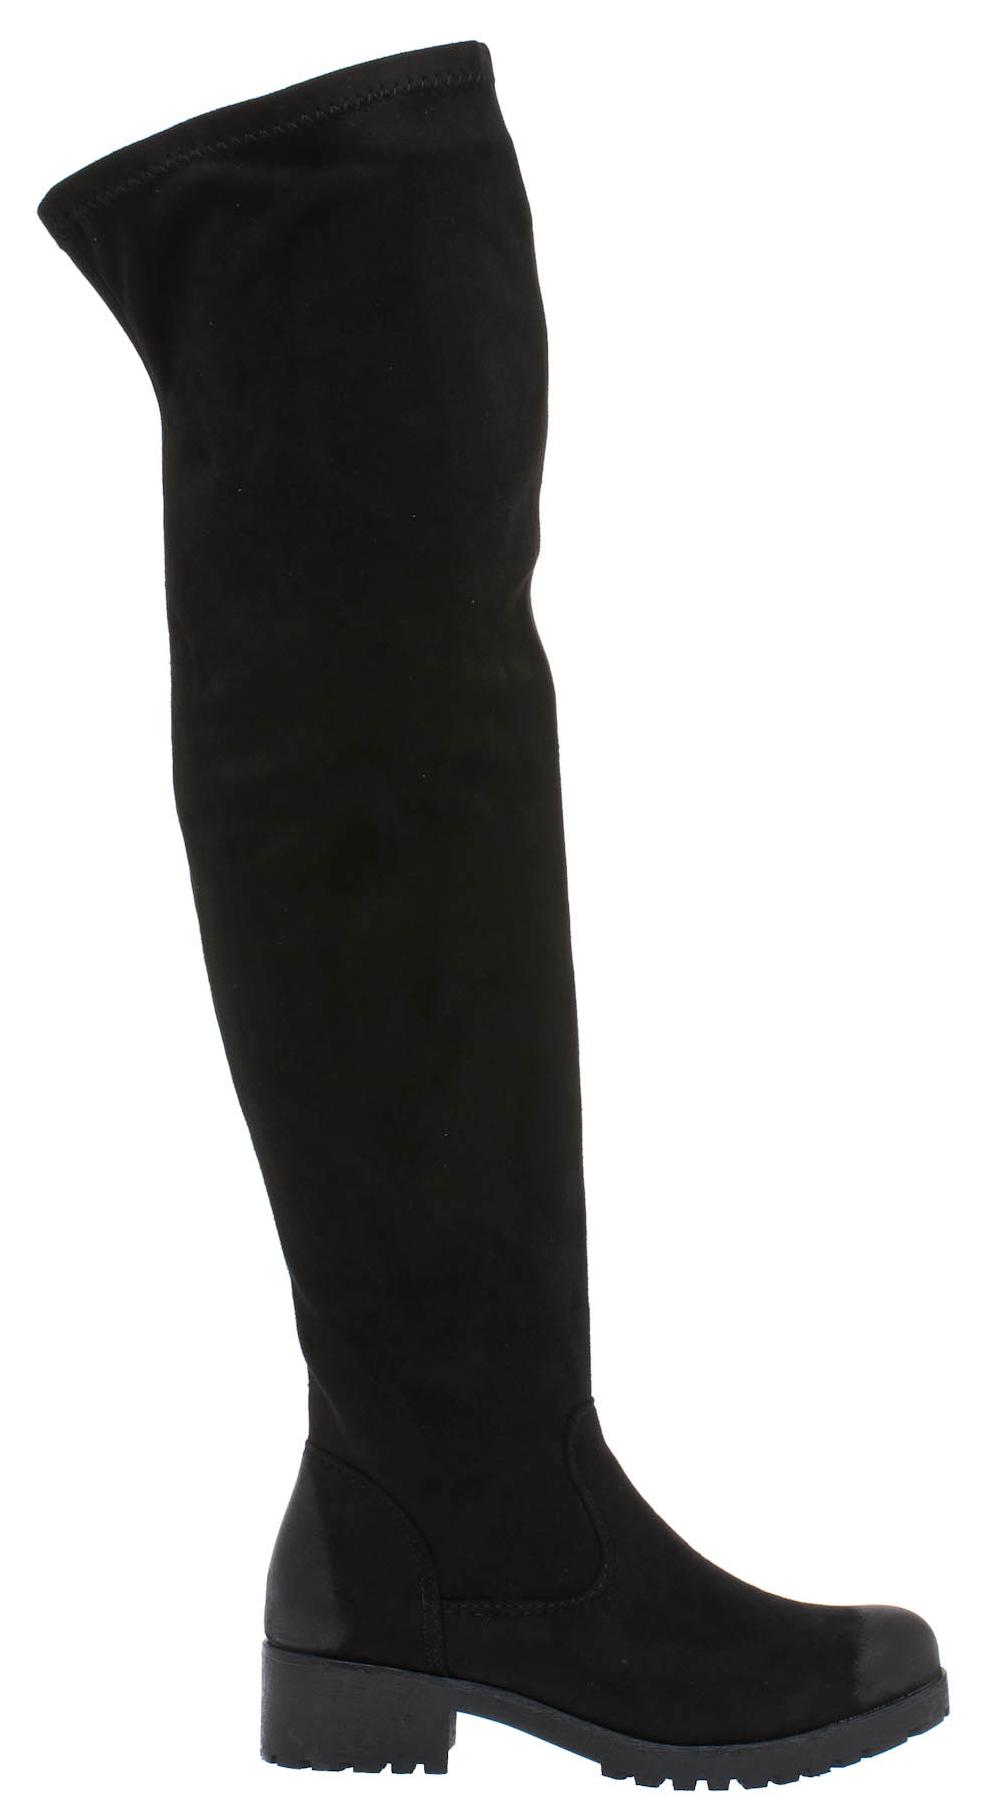 Μπότα - Μαύρο μπότες